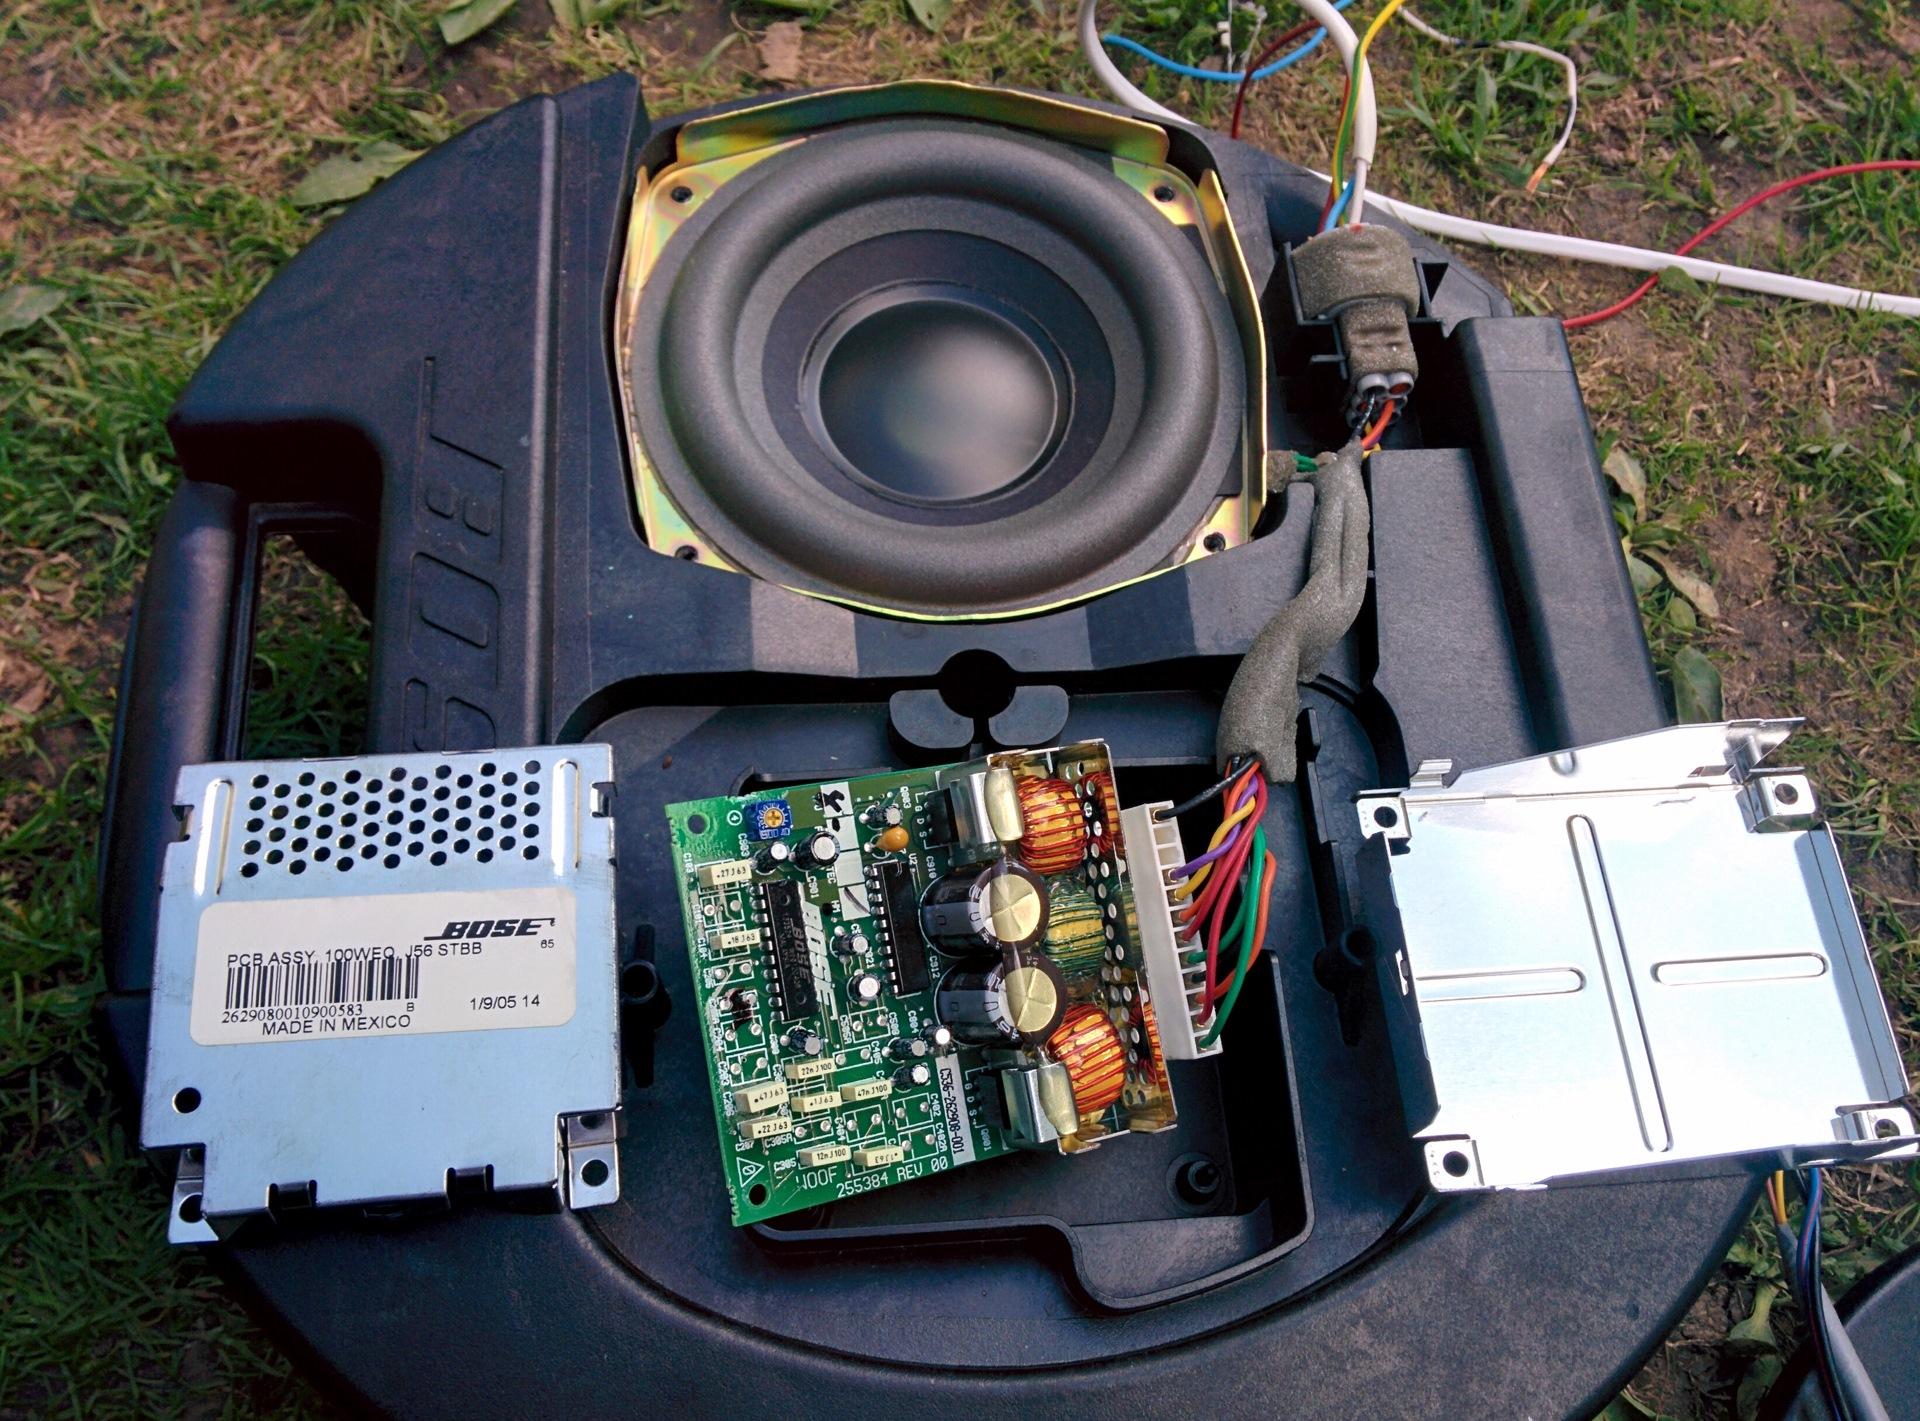 проблема с сабвуфером BOSE при подключении — Mazda 6, 2 0 л , 2007